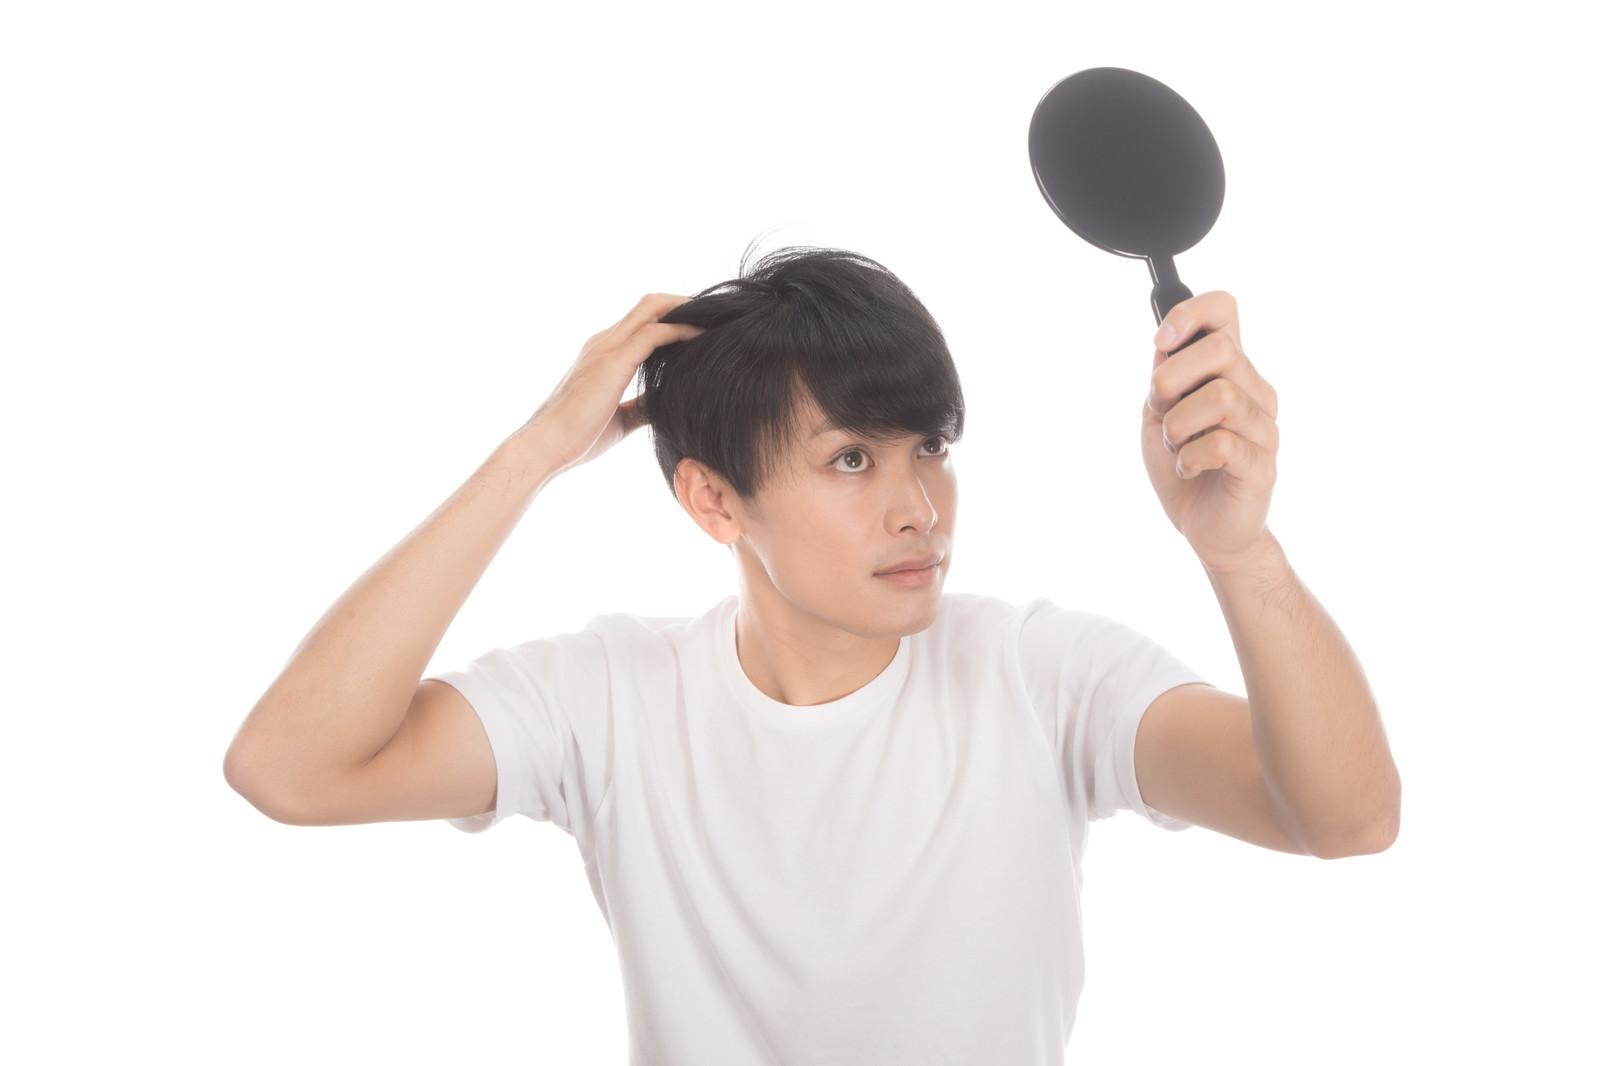 「若ハゲ予防に手鏡でヘアチェック」の写真[モデル:完伍]